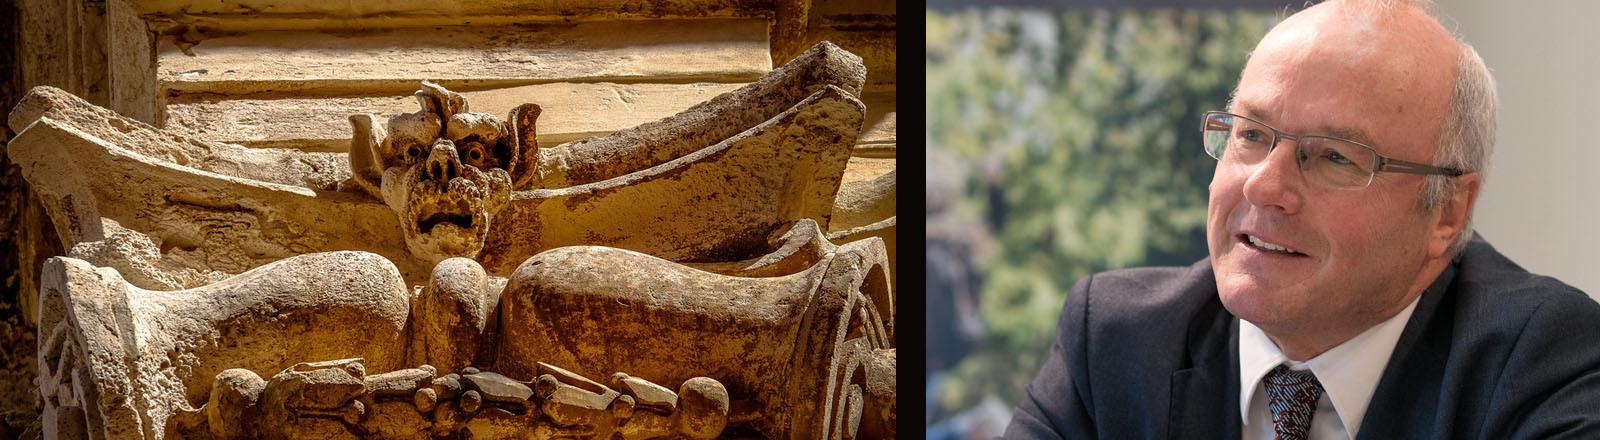 Symbolbild für das Böse: eine Steinstatue und ein Foto von Psychiater Reinhard Haller.